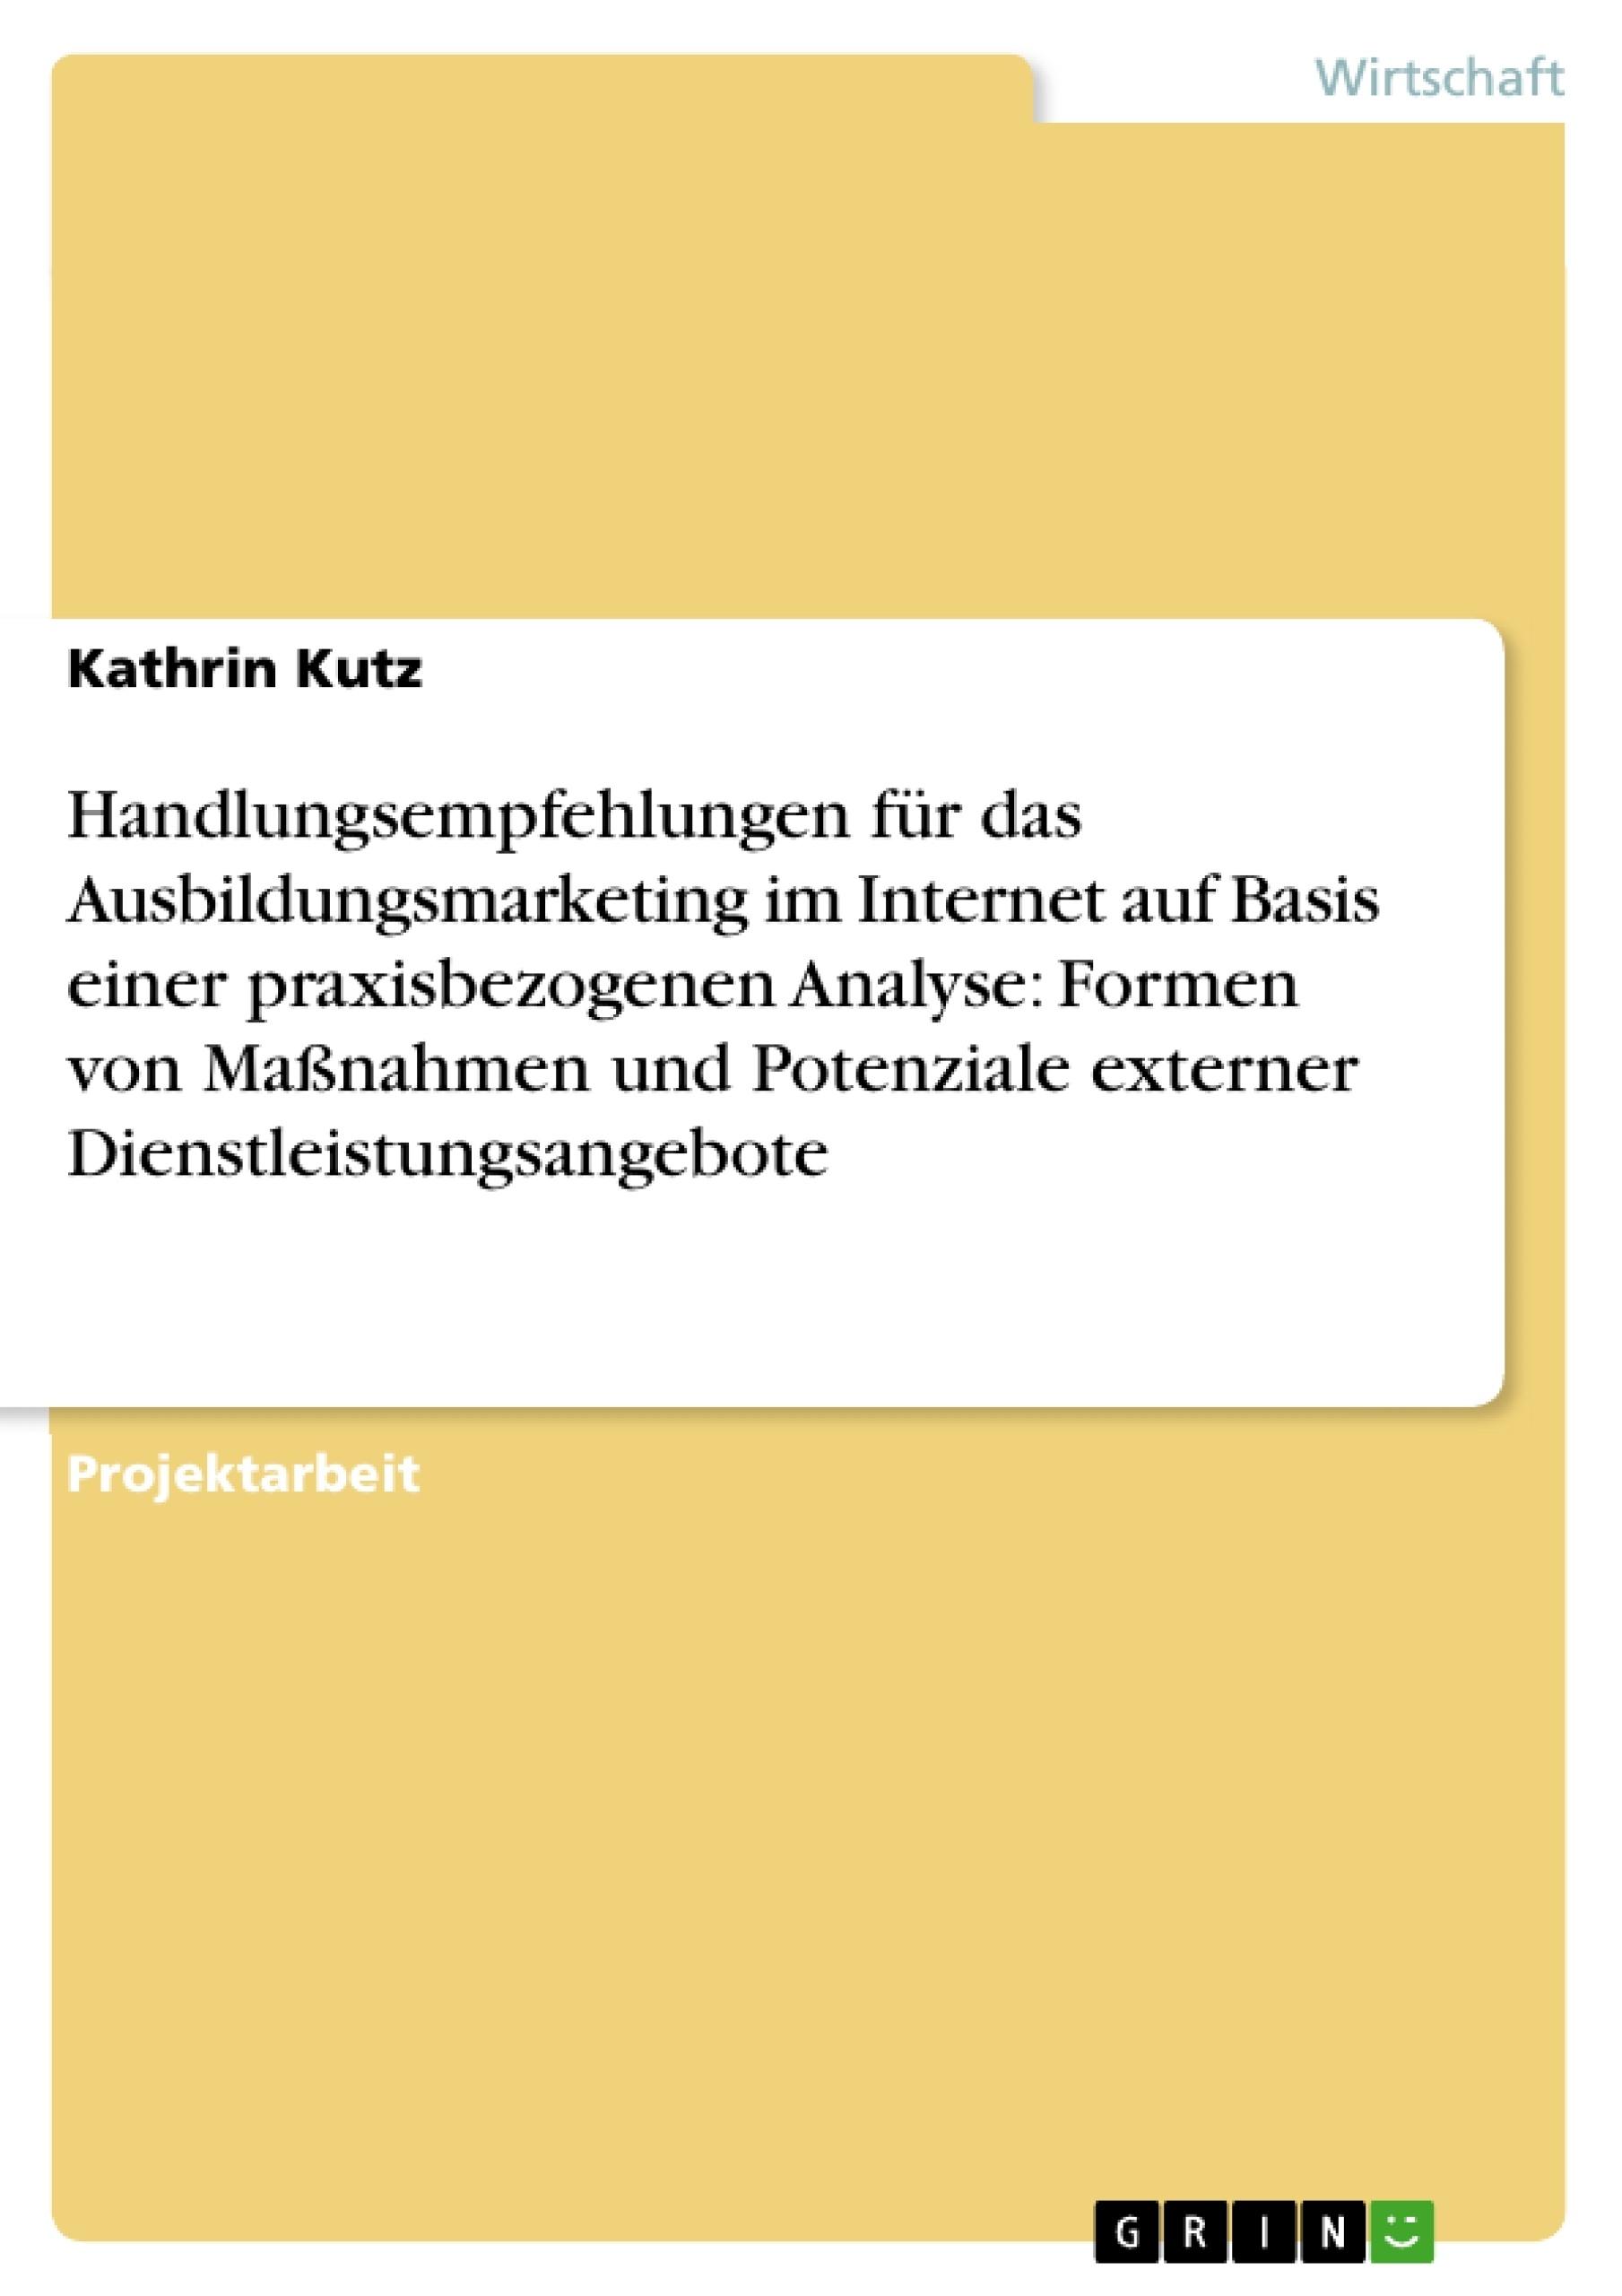 Titel: Handlungsempfehlungen für das Ausbildungsmarketing im Internet auf Basis einer praxisbezogenen Analyse: Formen von Maßnahmen und Potenziale externer Dienstleistungsangebote